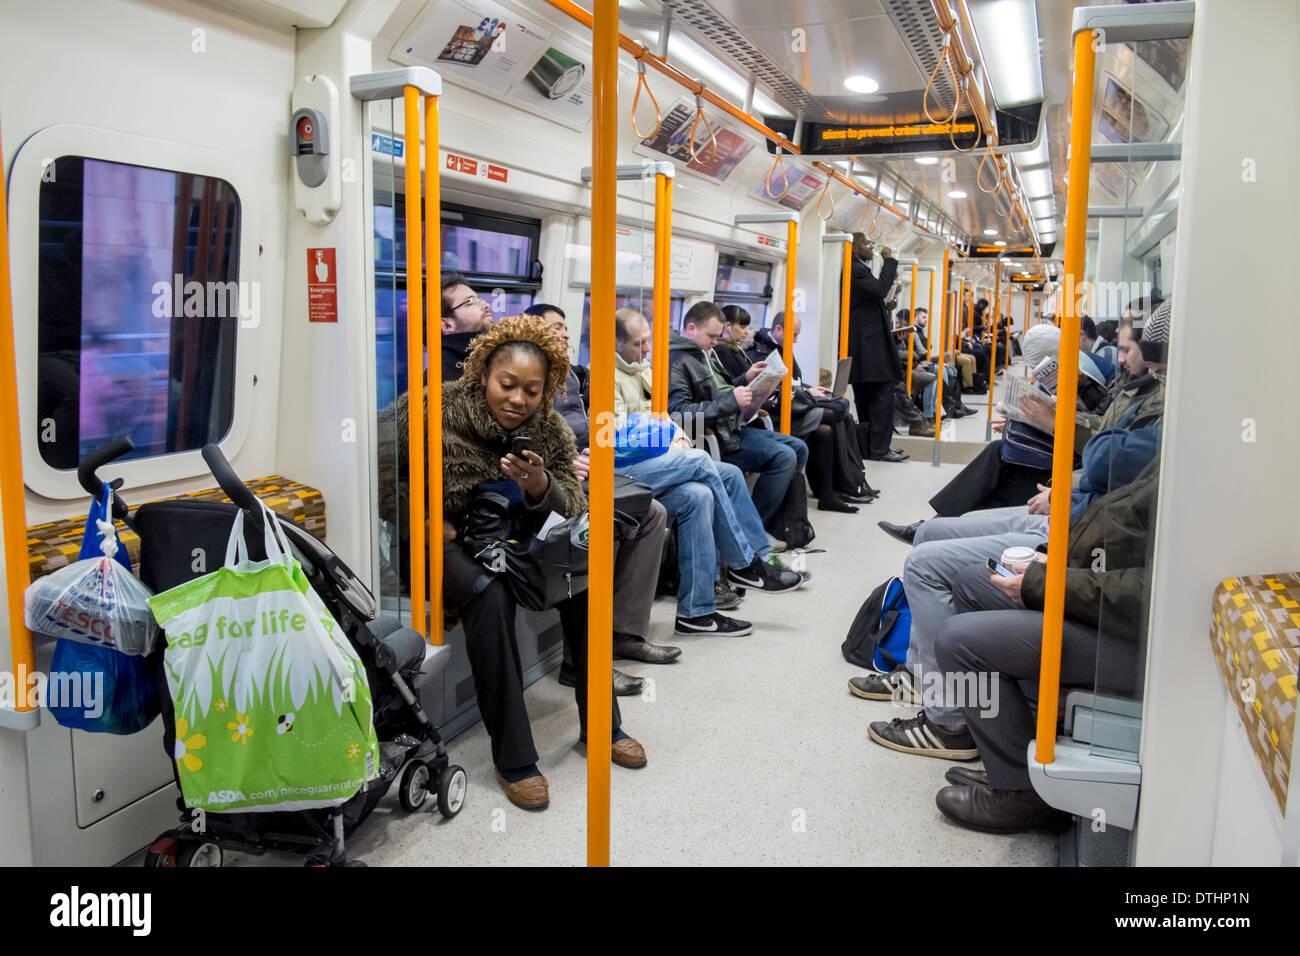 Overground train, London, United Kingdom - Stock Image